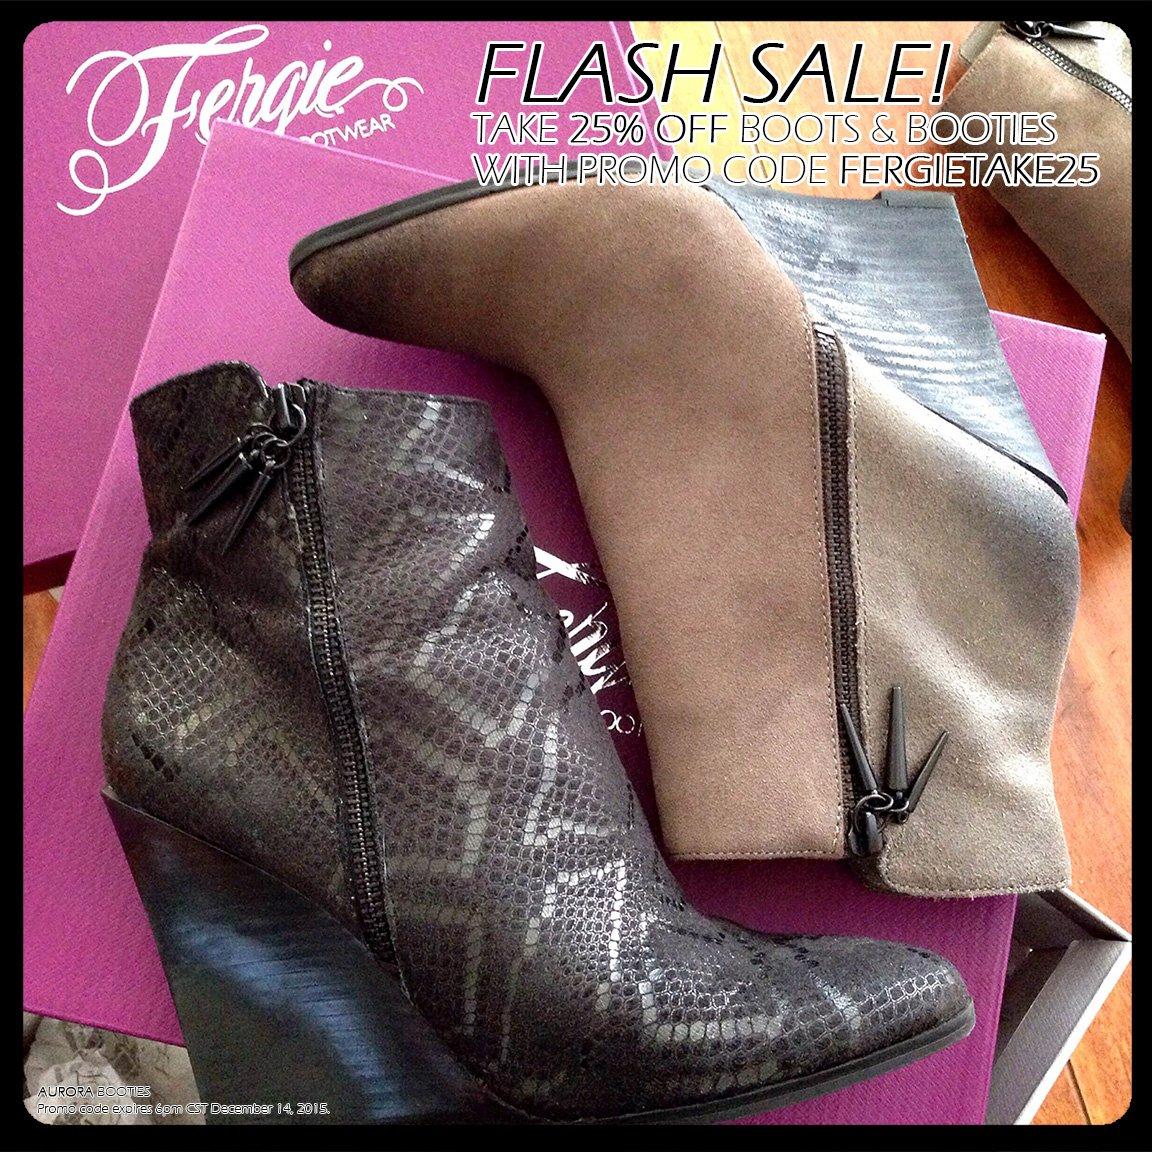 RT @FergieFootwear: #FlashSale!25%OFF #Fergie #boots w/ #promocode FERGIETAKE25 til 6p CT.#greenmonday #bootsale https://t.co/MydKEB7Eyv ht…